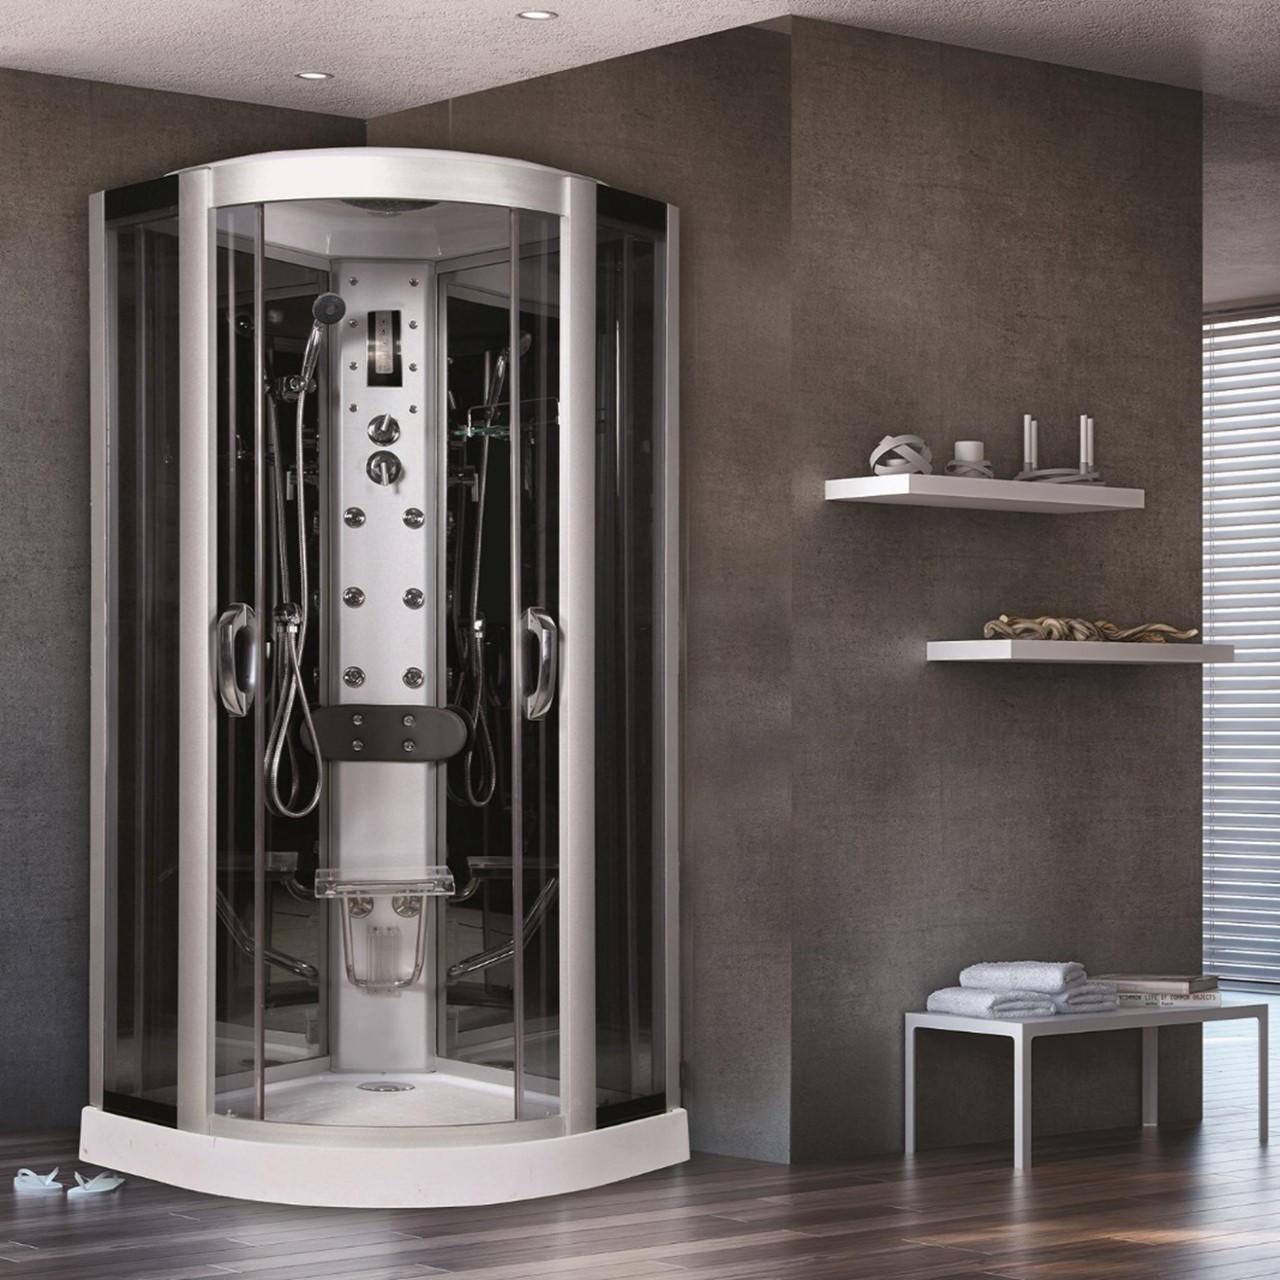 Cabina doccia idromassaggio semicircolare Eklis 90 x 90 cm - 1